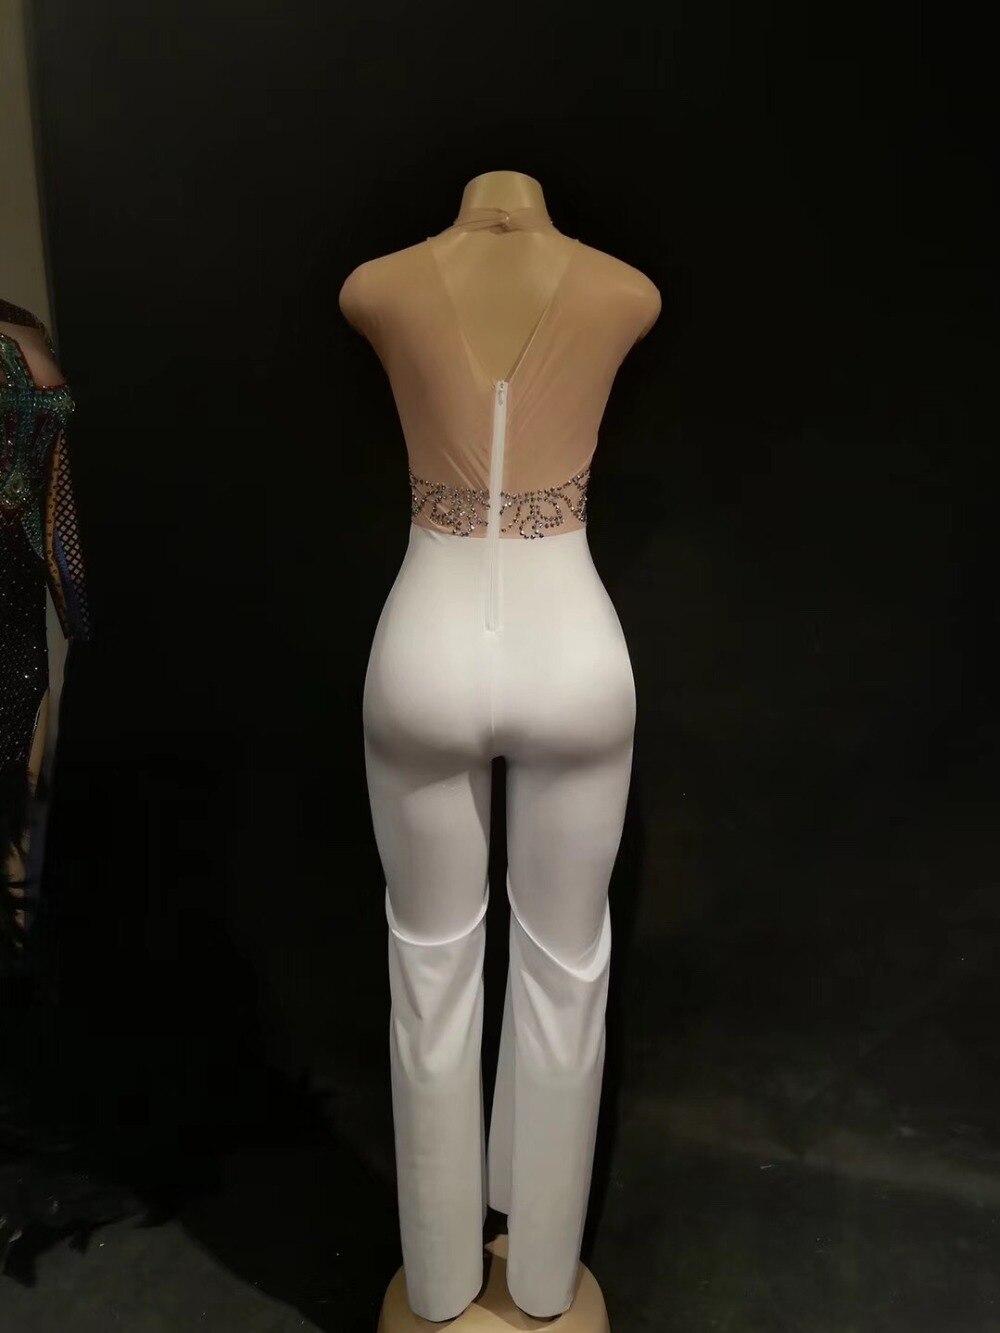 Vêtements Outfit Combinaisons Discothèque piece Blanc Danse Sexy Strass Argent One Chanteuse Stretch Salopette De Femmes Nude xwqFvU1aHU